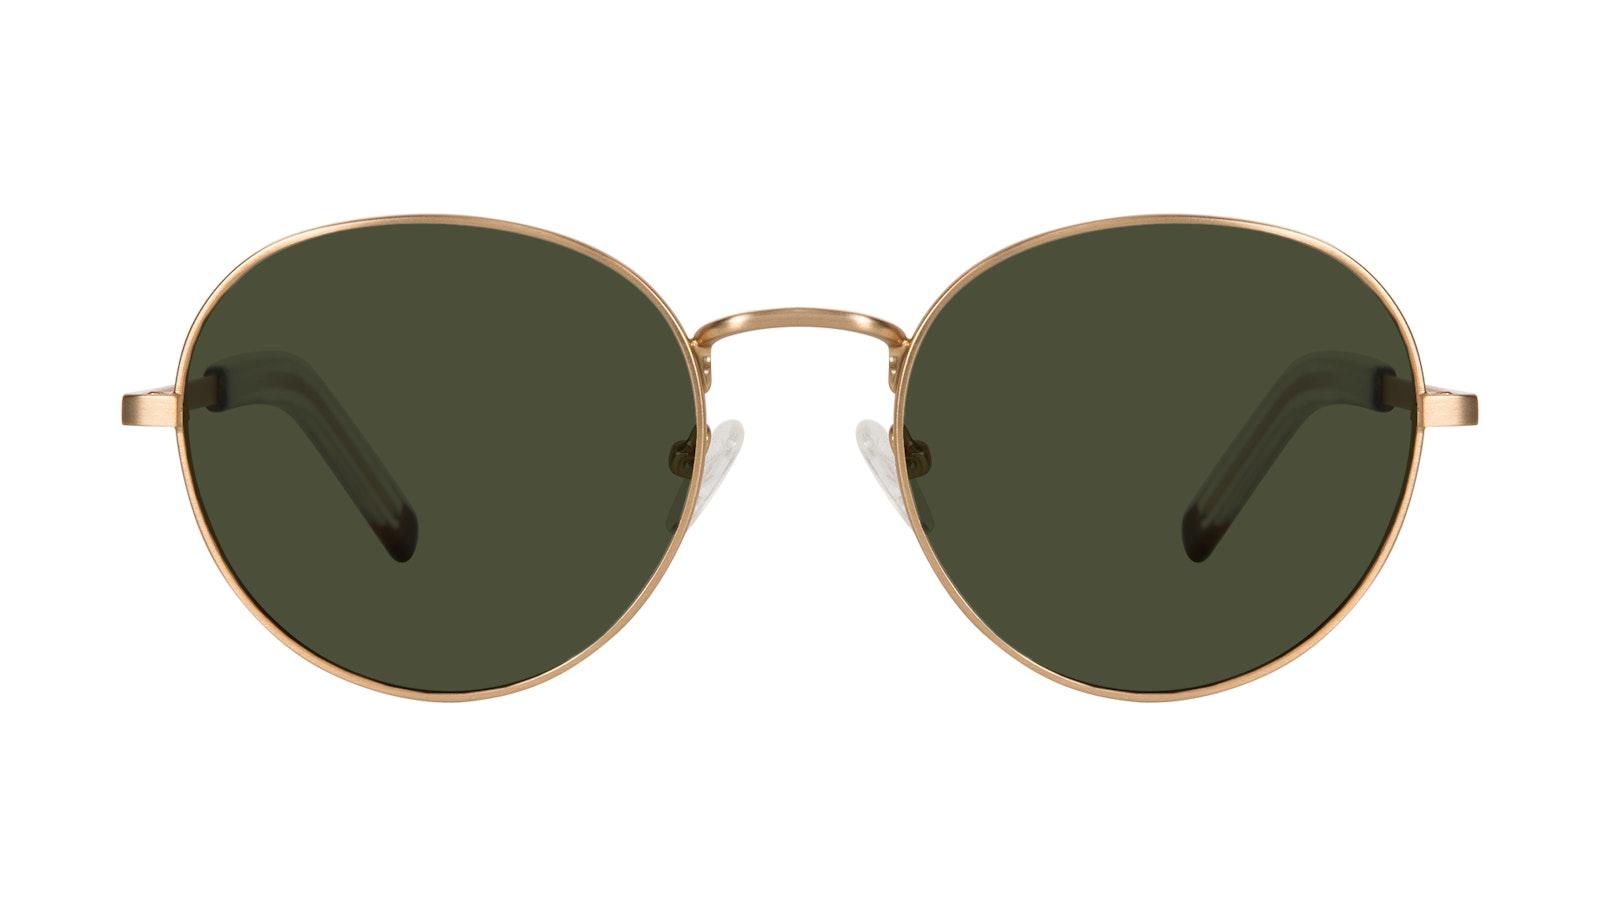 Lunettes tendance Ronde Lunettes de soleil Hommes Lean XL Gold Matte